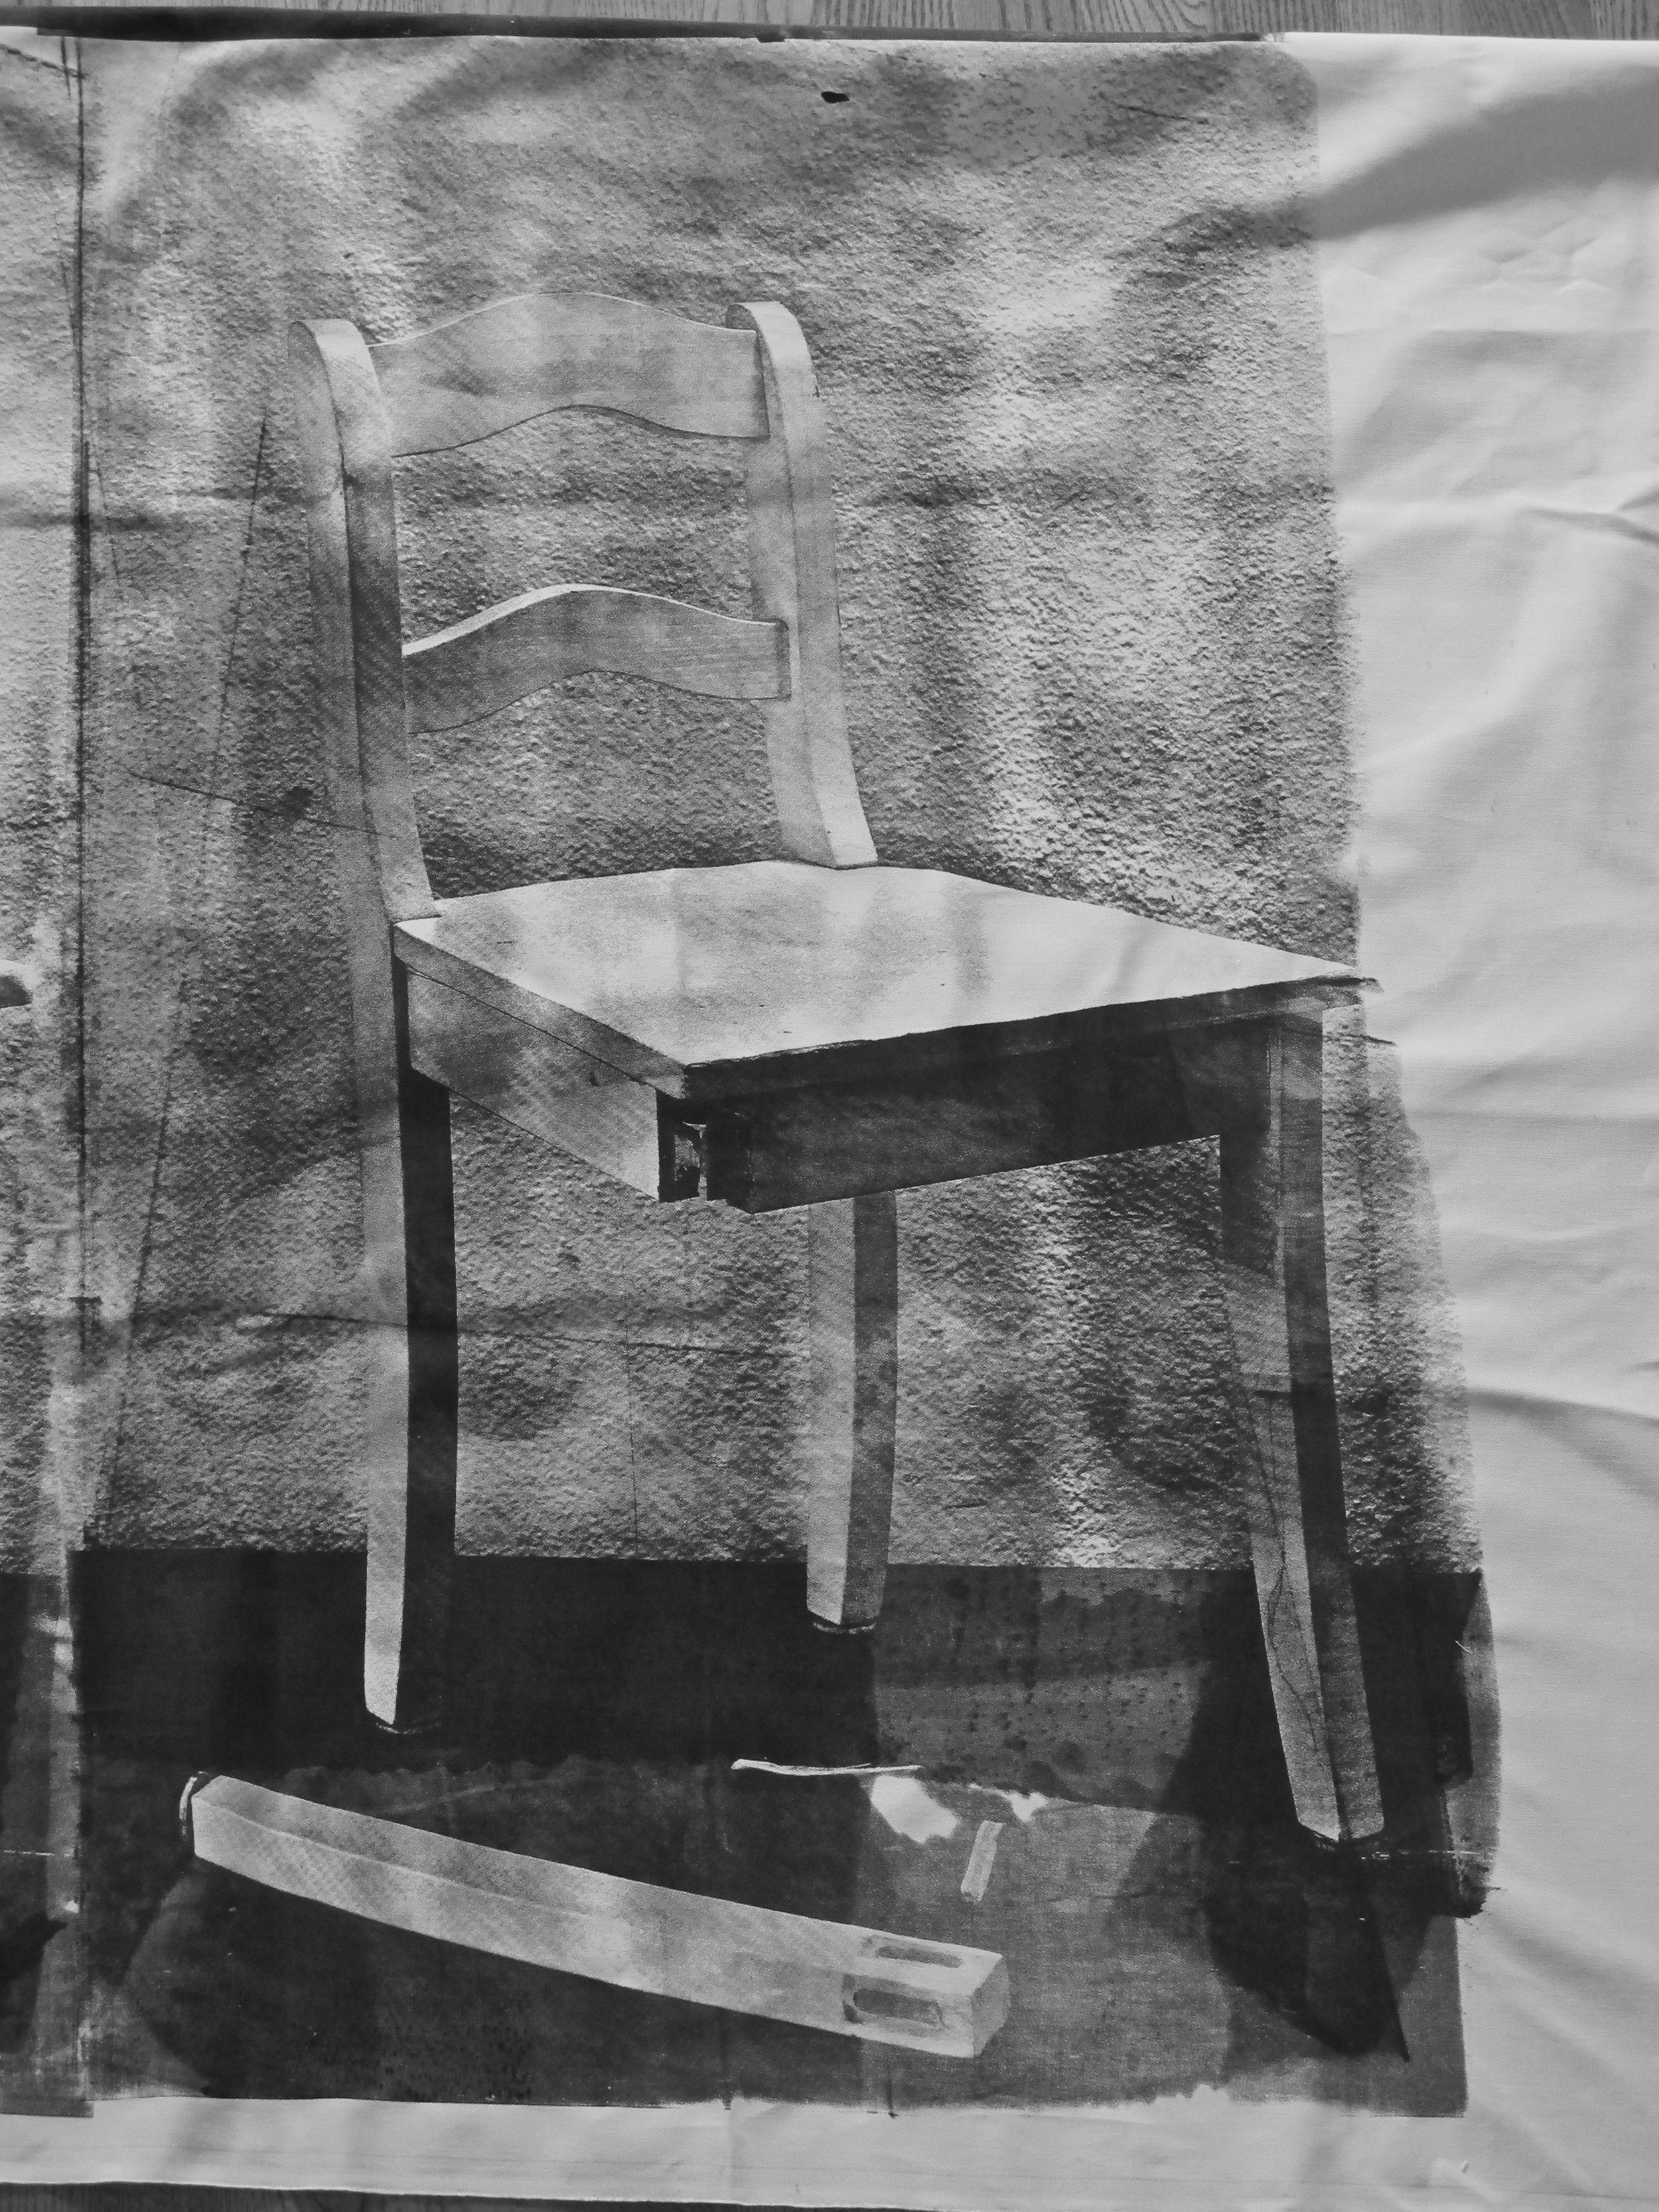 Siebdruck Motiv: Stuhl defekt Fundort: Tischlerei Material: Baumwolle Format: 2m x1,50m